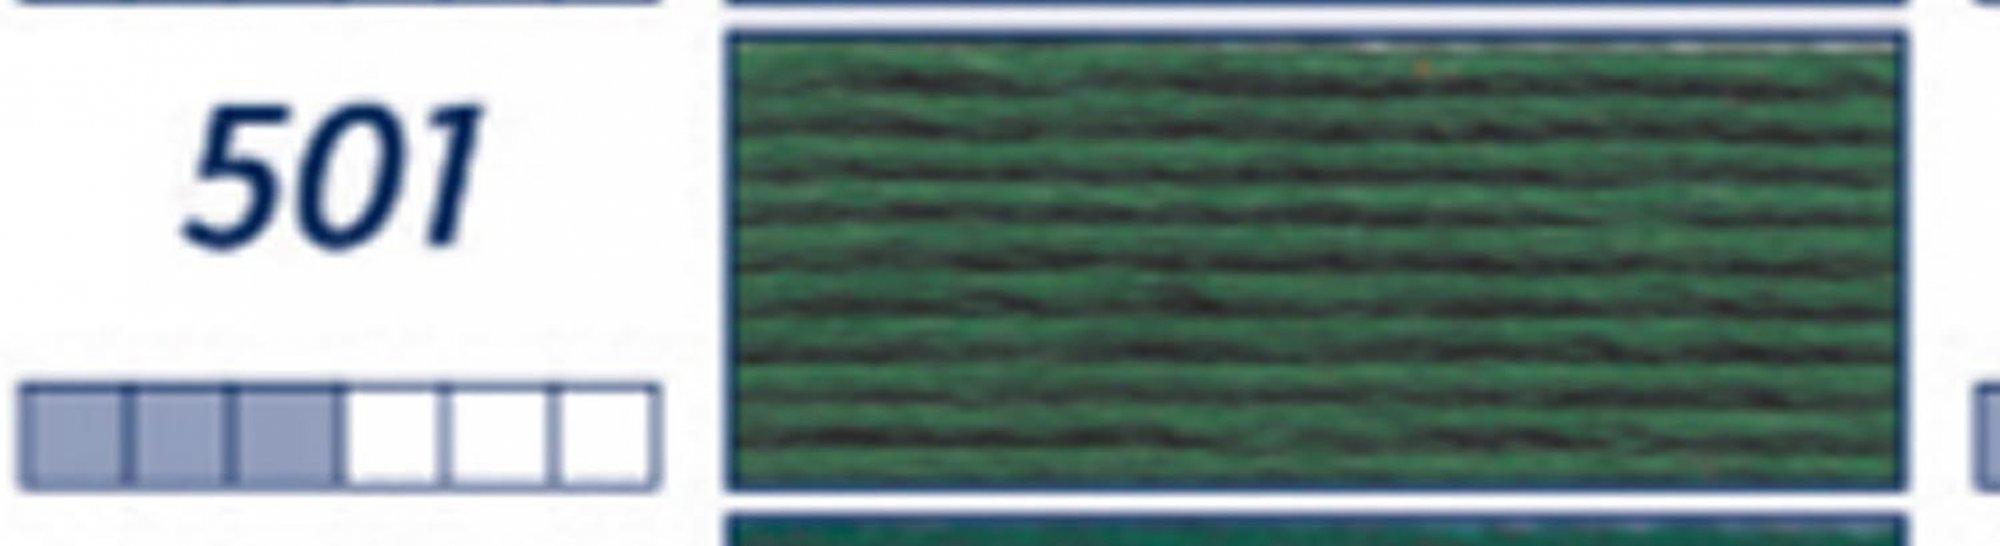 DP3-501-DK-BLUE GREEN